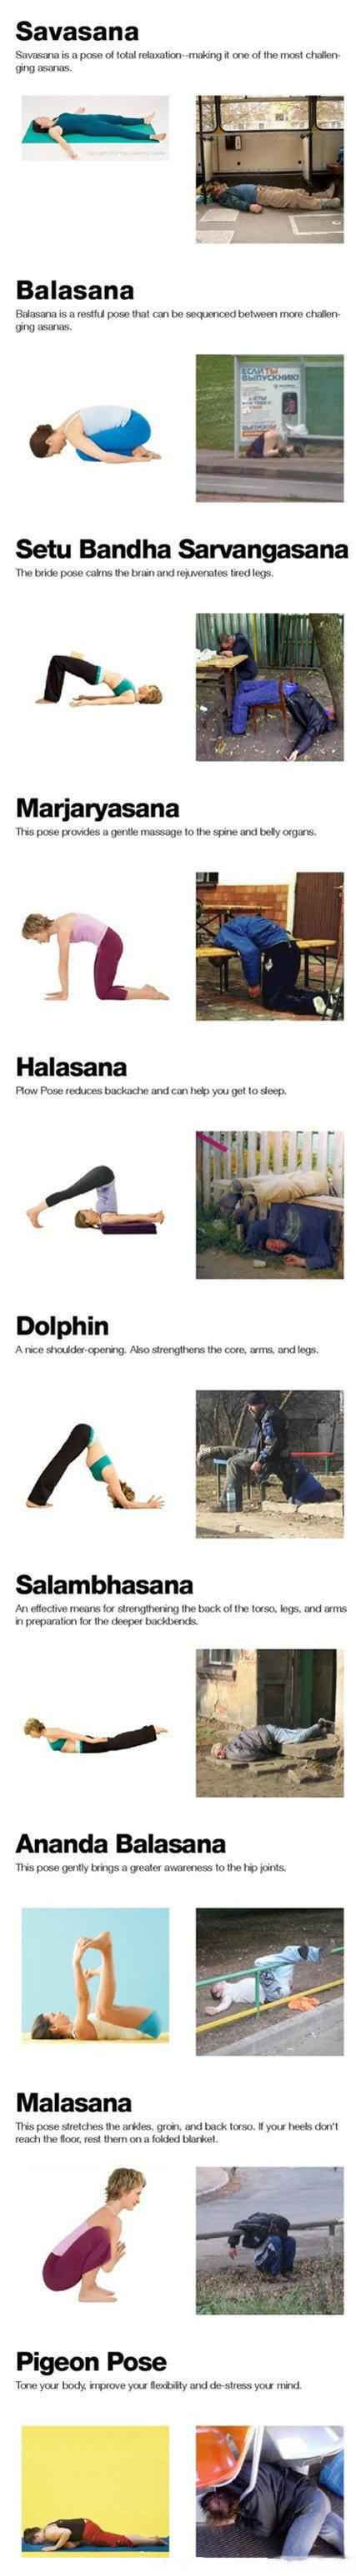 我有伏特加,何需练瑜伽?